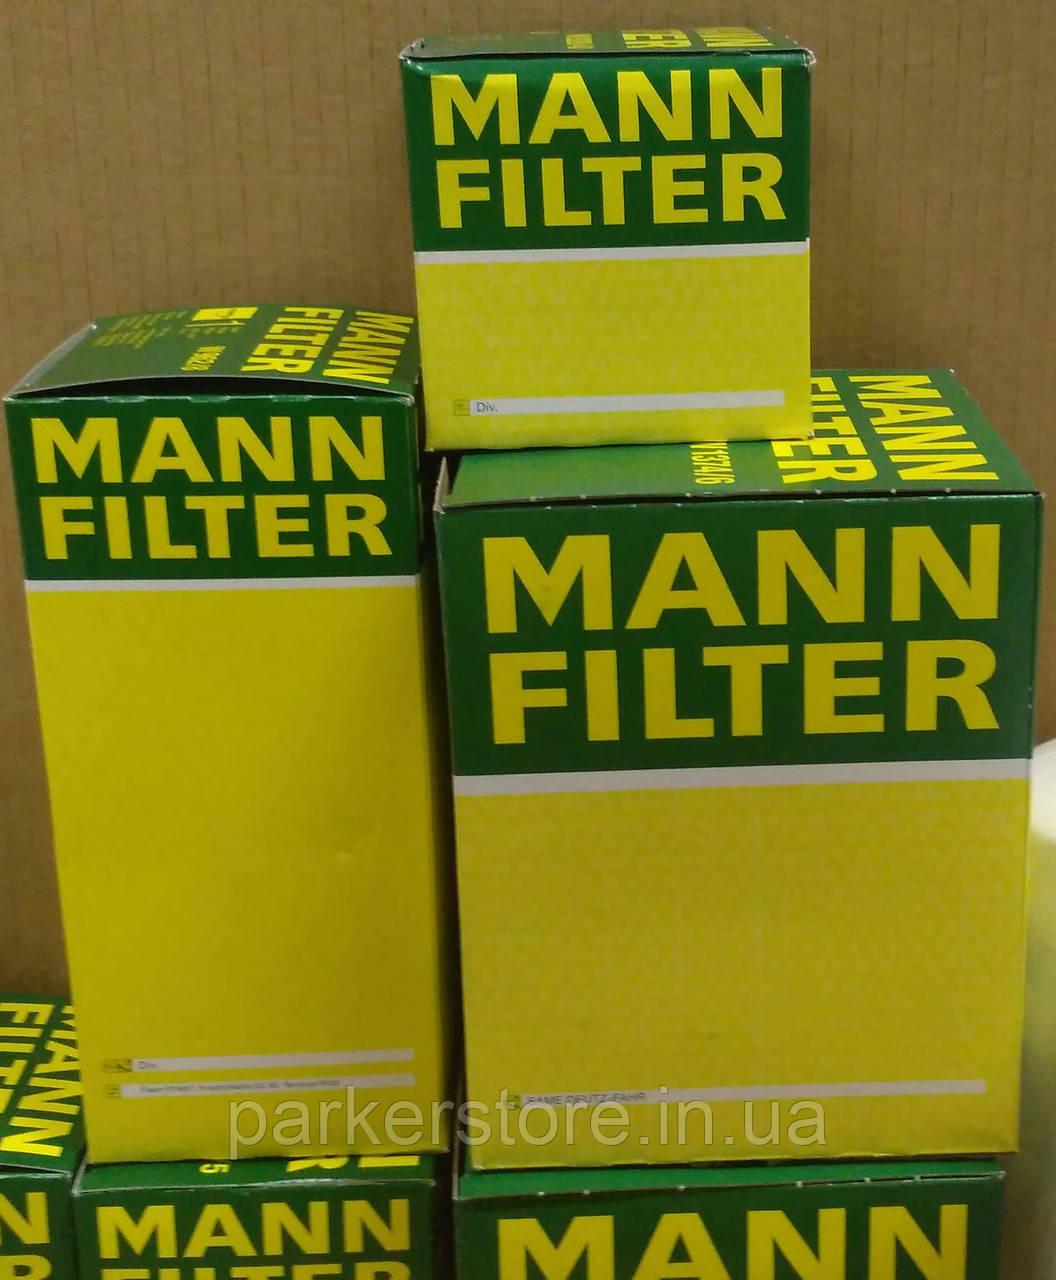 MANN FILTER / Воздушный фильтр / C 3051/1 / C3051/1